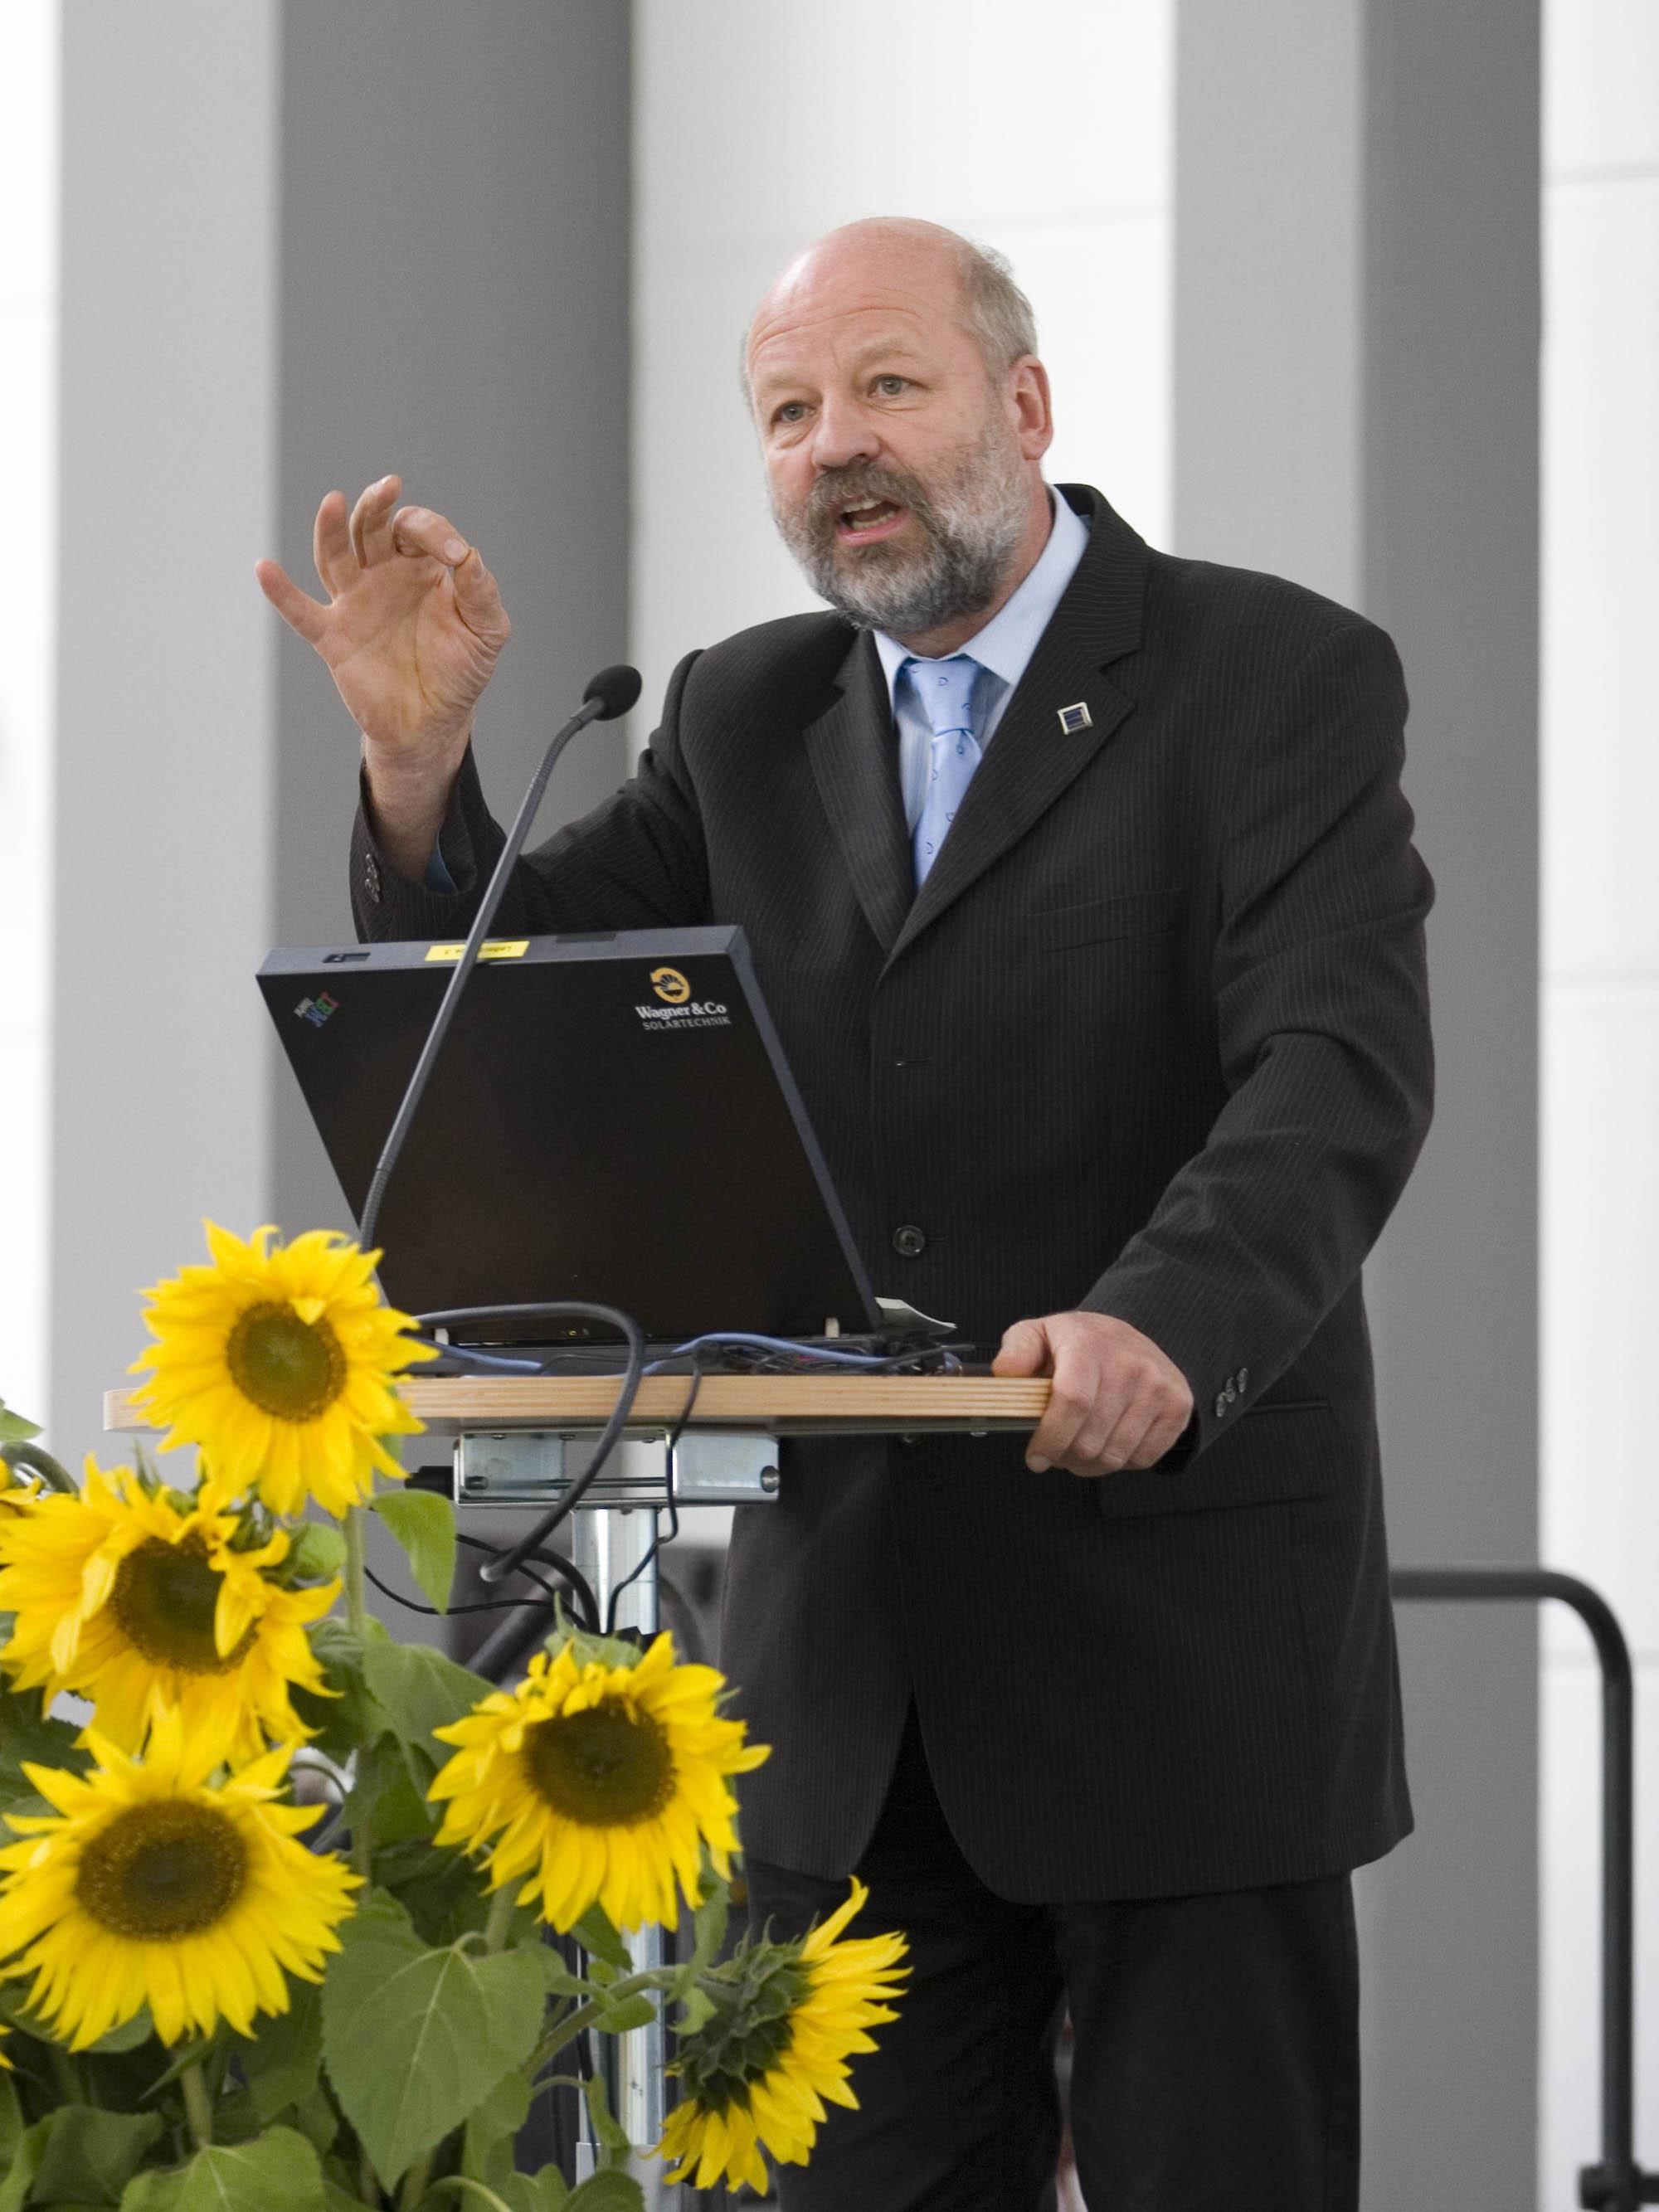 O jadernou energii ČEZu Německo mít zájem nebude, tvrdí expert tamních Zelených